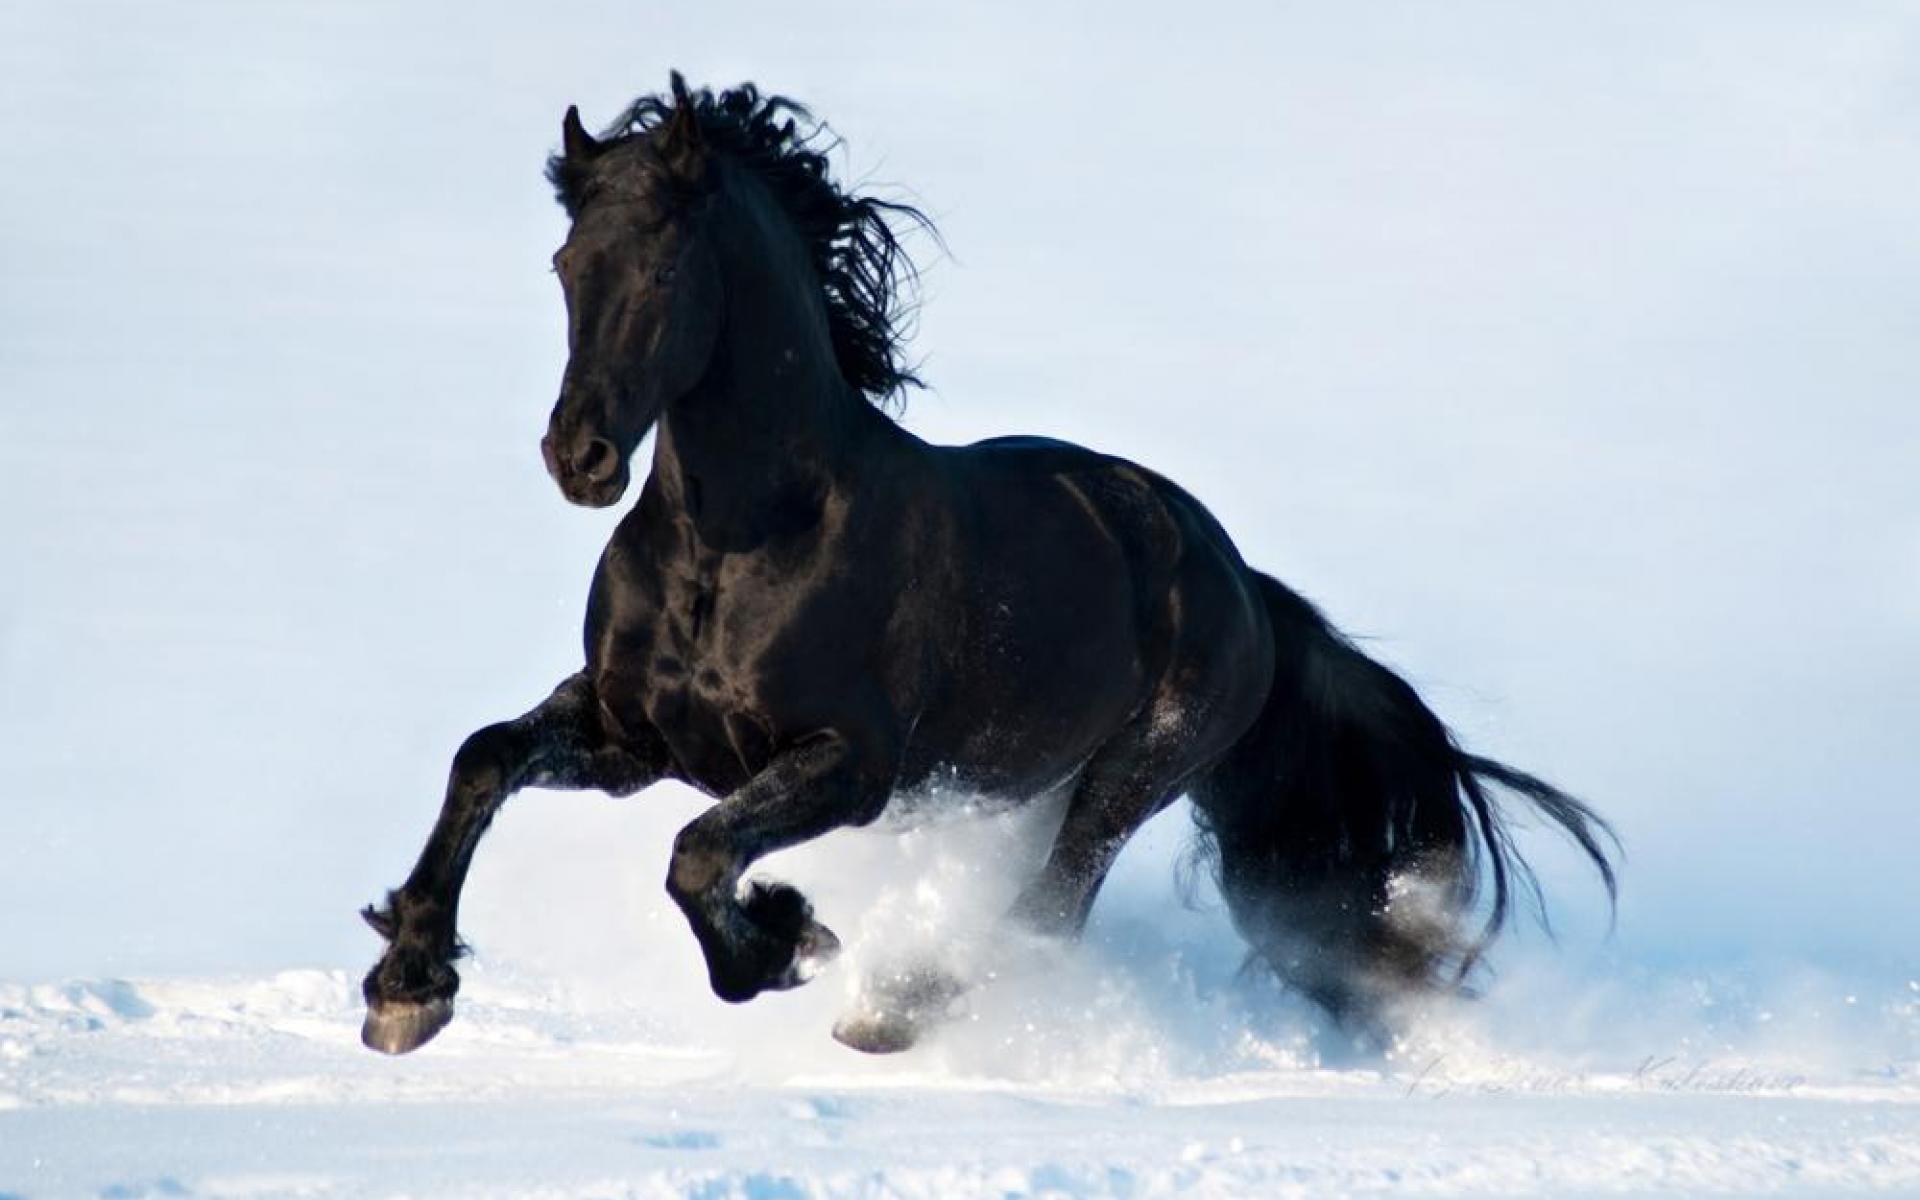 Black Horse Desktop Wallpapers 1920x1200